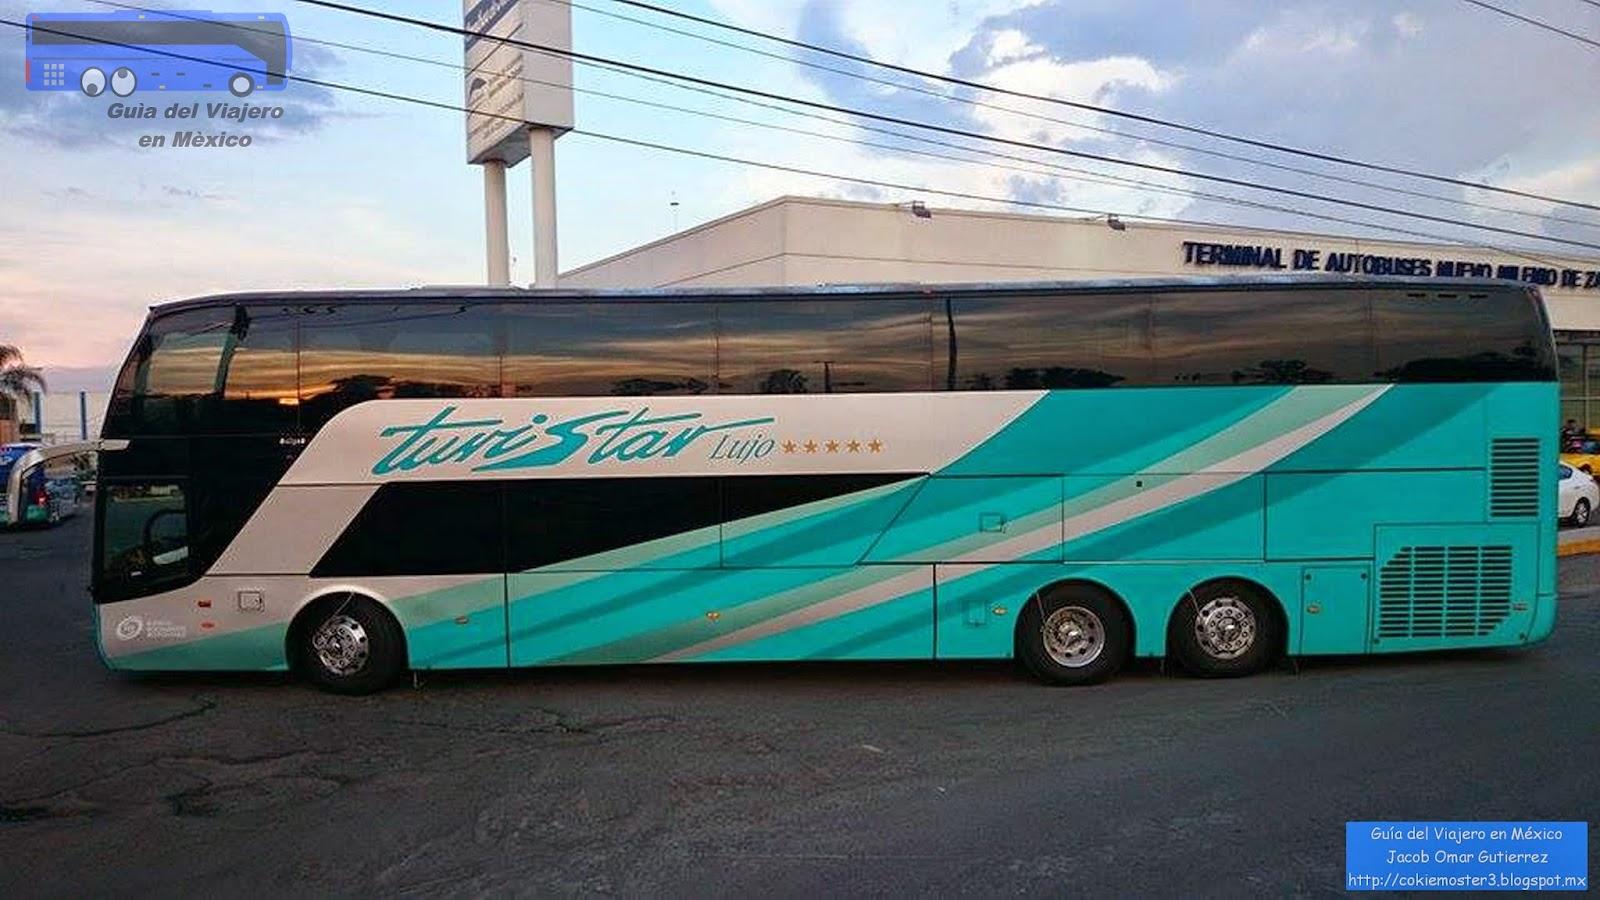 Gu a del viajero en m xico iamsa enamorada de los doble piso - Autobuses de dos pisos ...